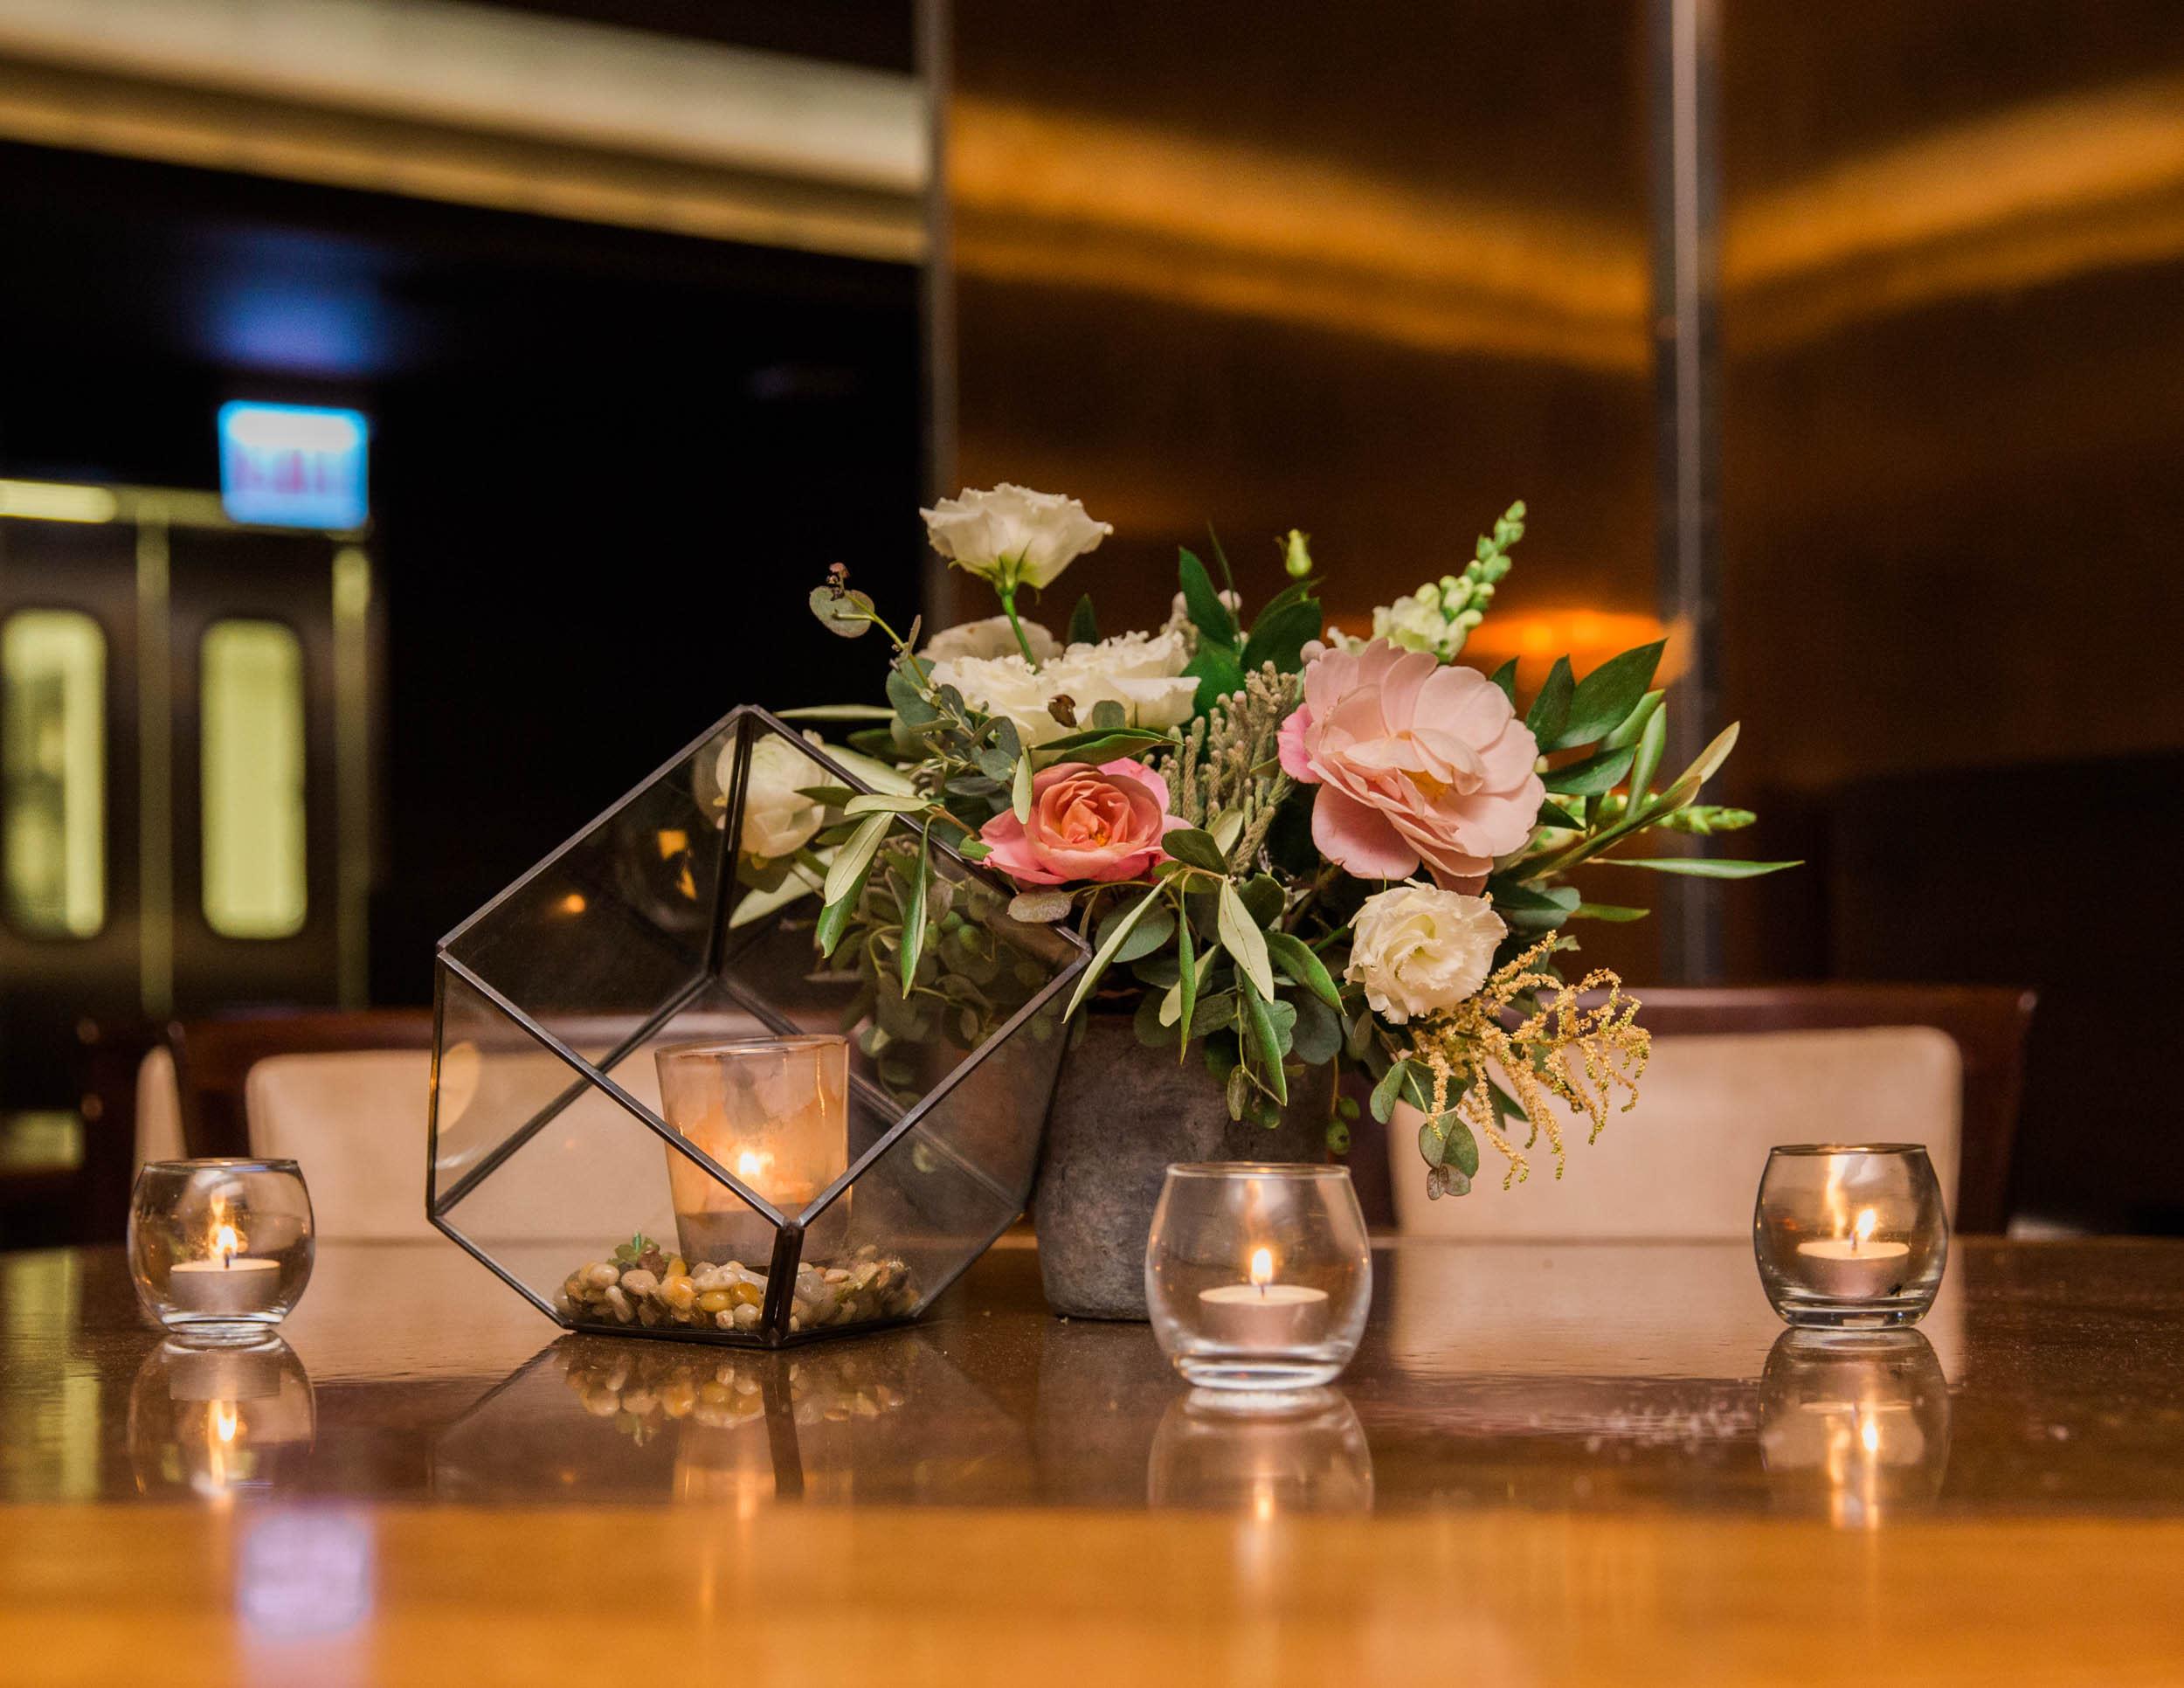 Chicago Wedding - Centerpiece